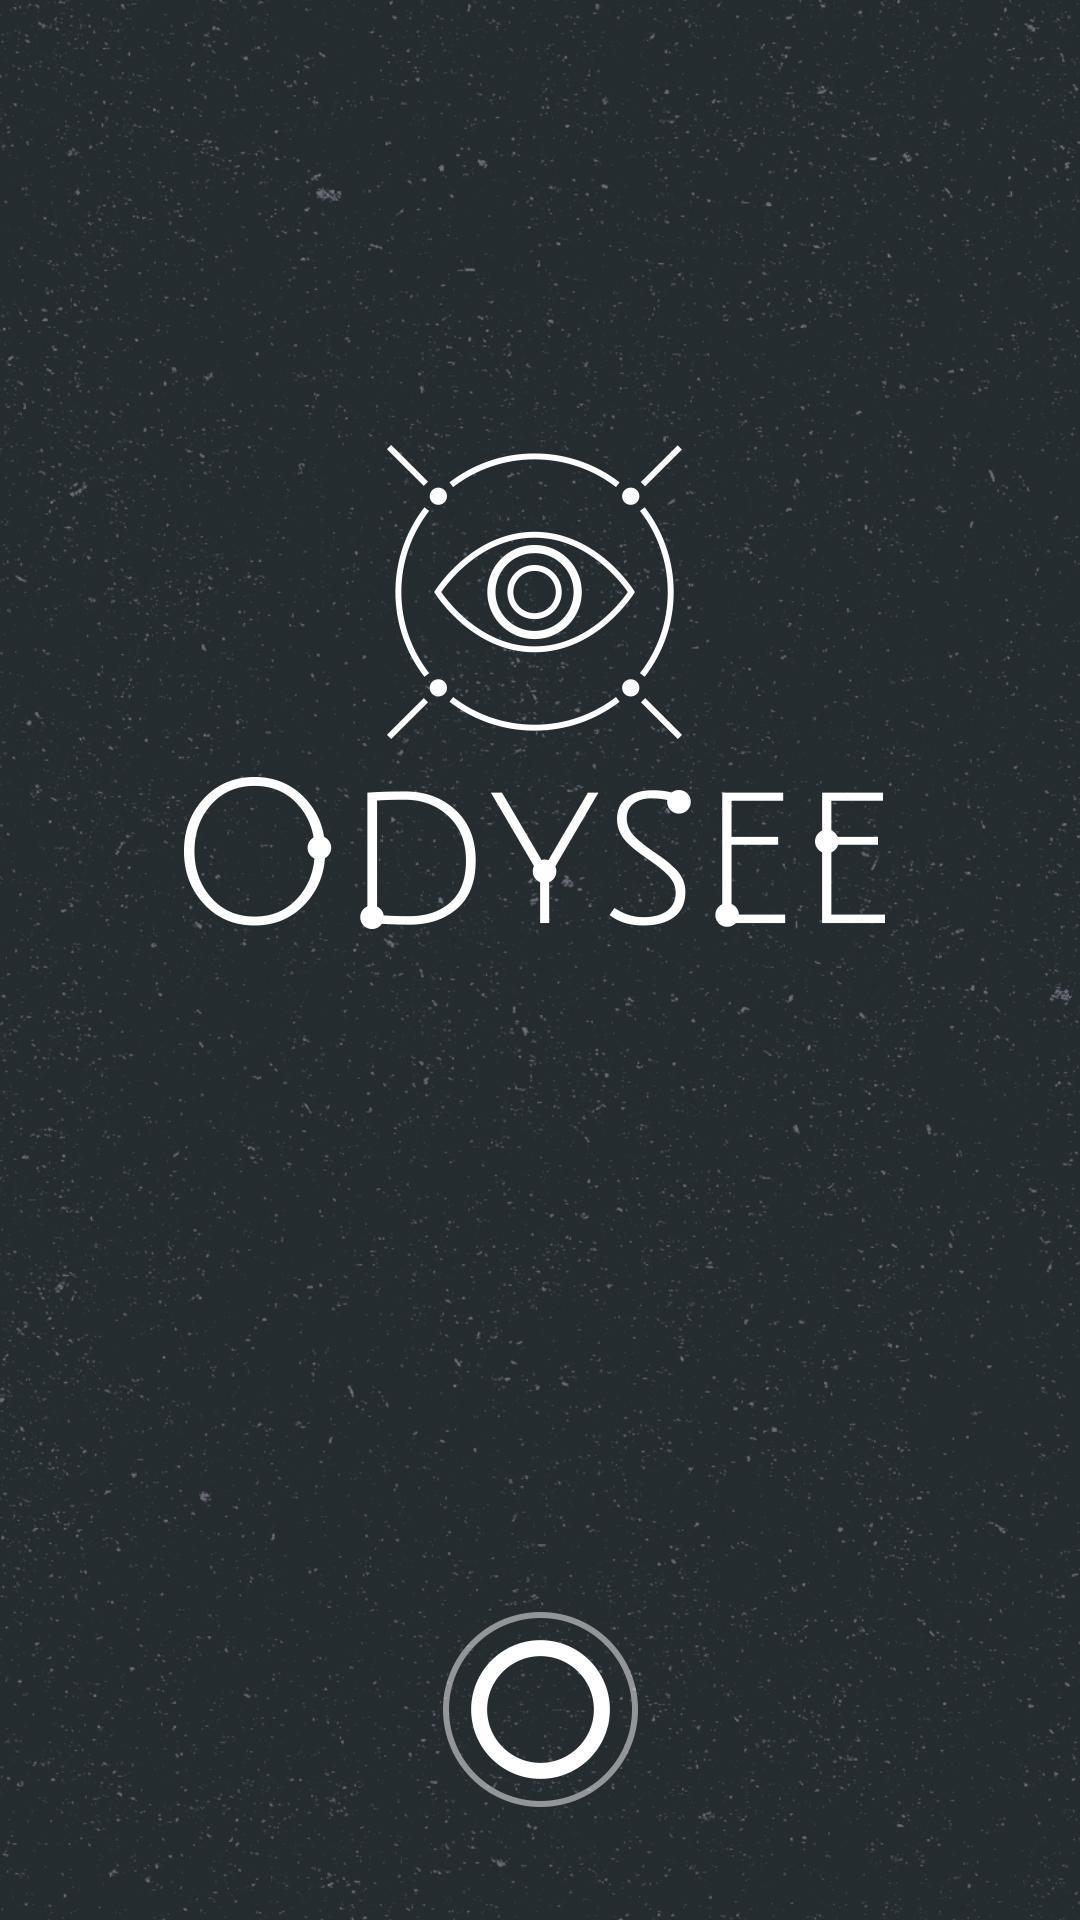 OdyseeApplogo